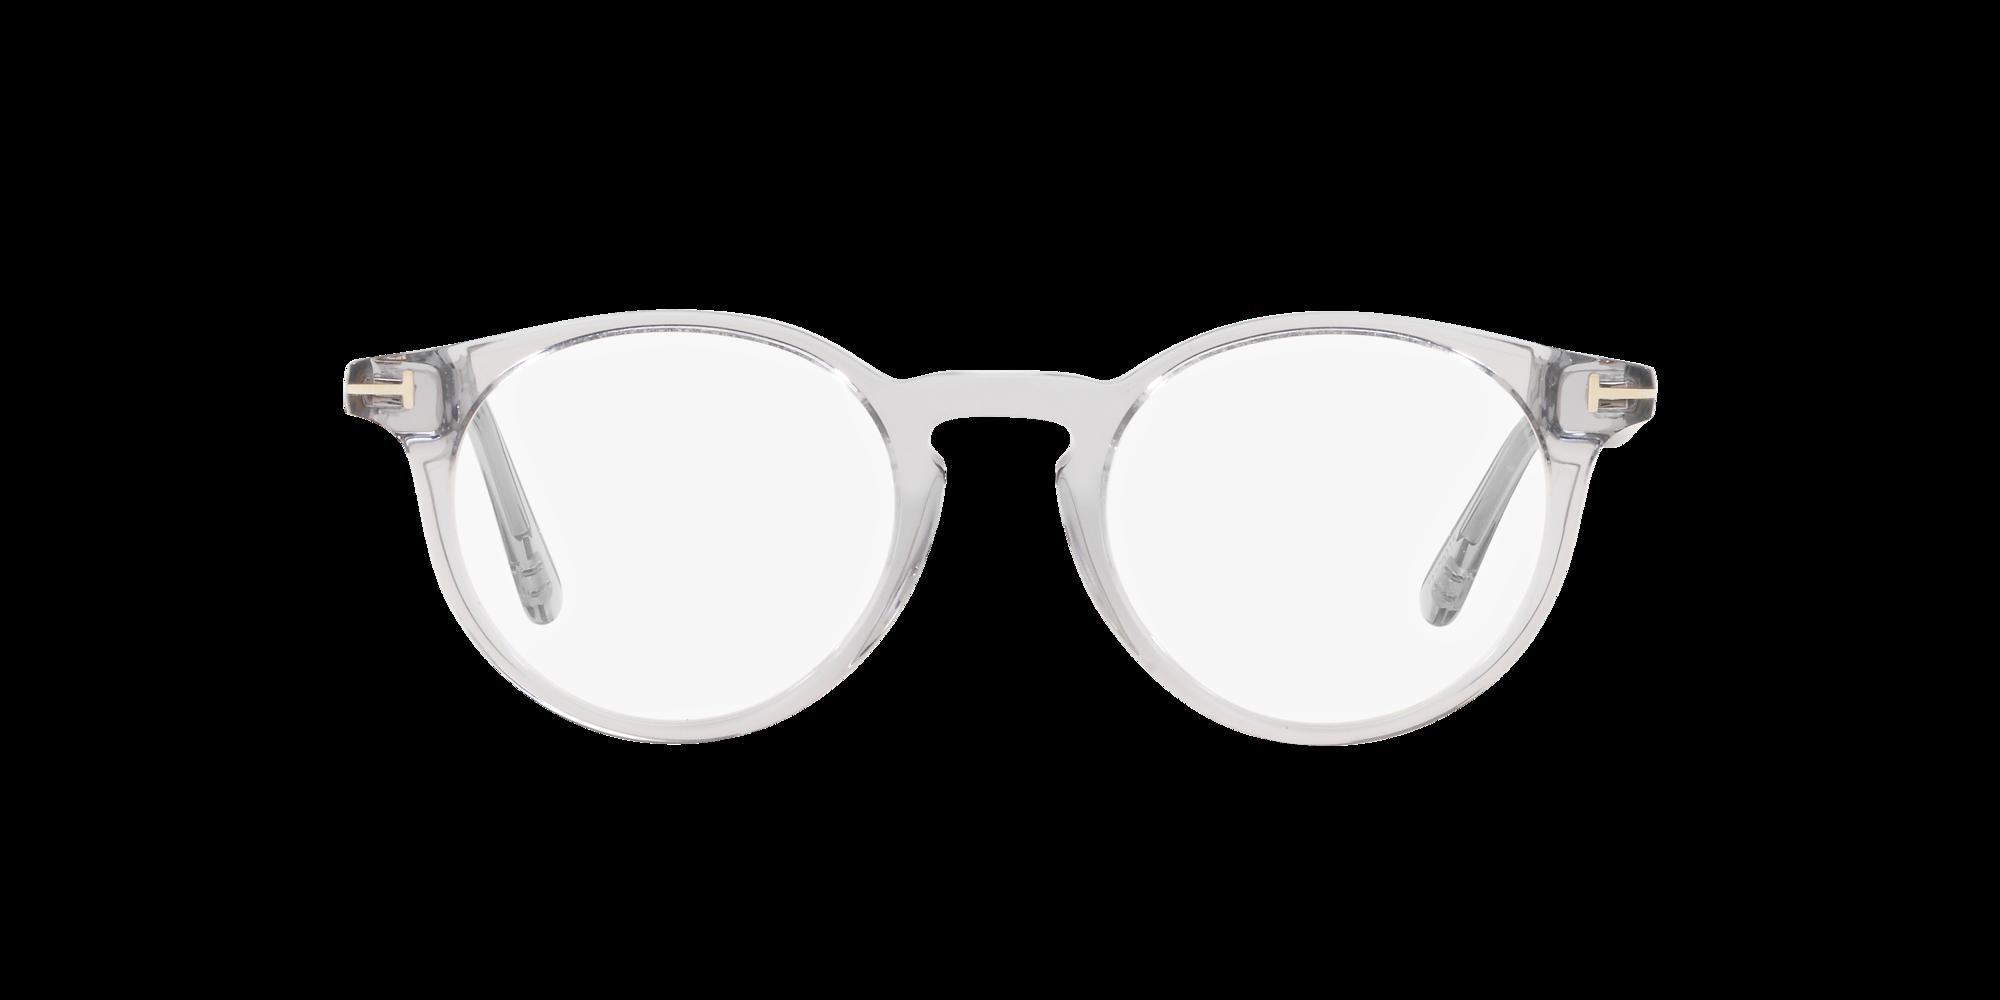 Imagen para FT5557-B de LensCrafters |  Espejuelos, espejuelos graduados en línea, gafas